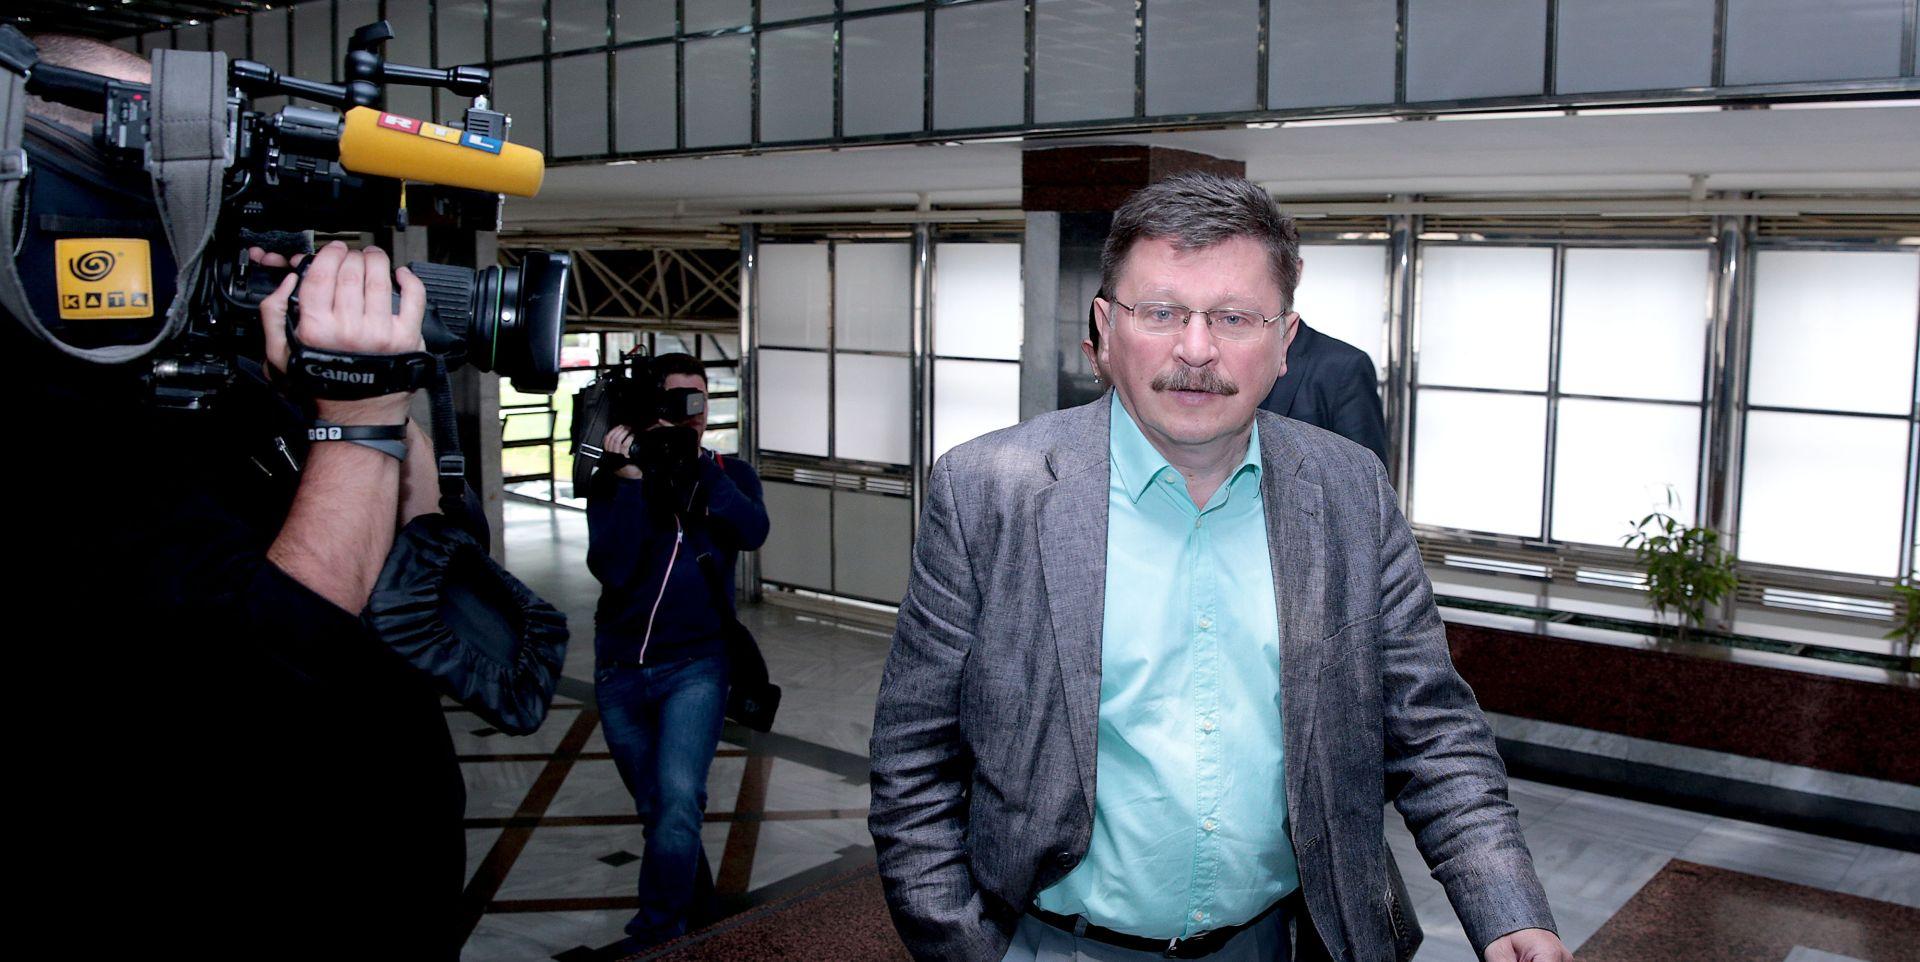 Sindikati javnih službi i Vladin pregovarački tim dogovorili osnivanje radne skupine